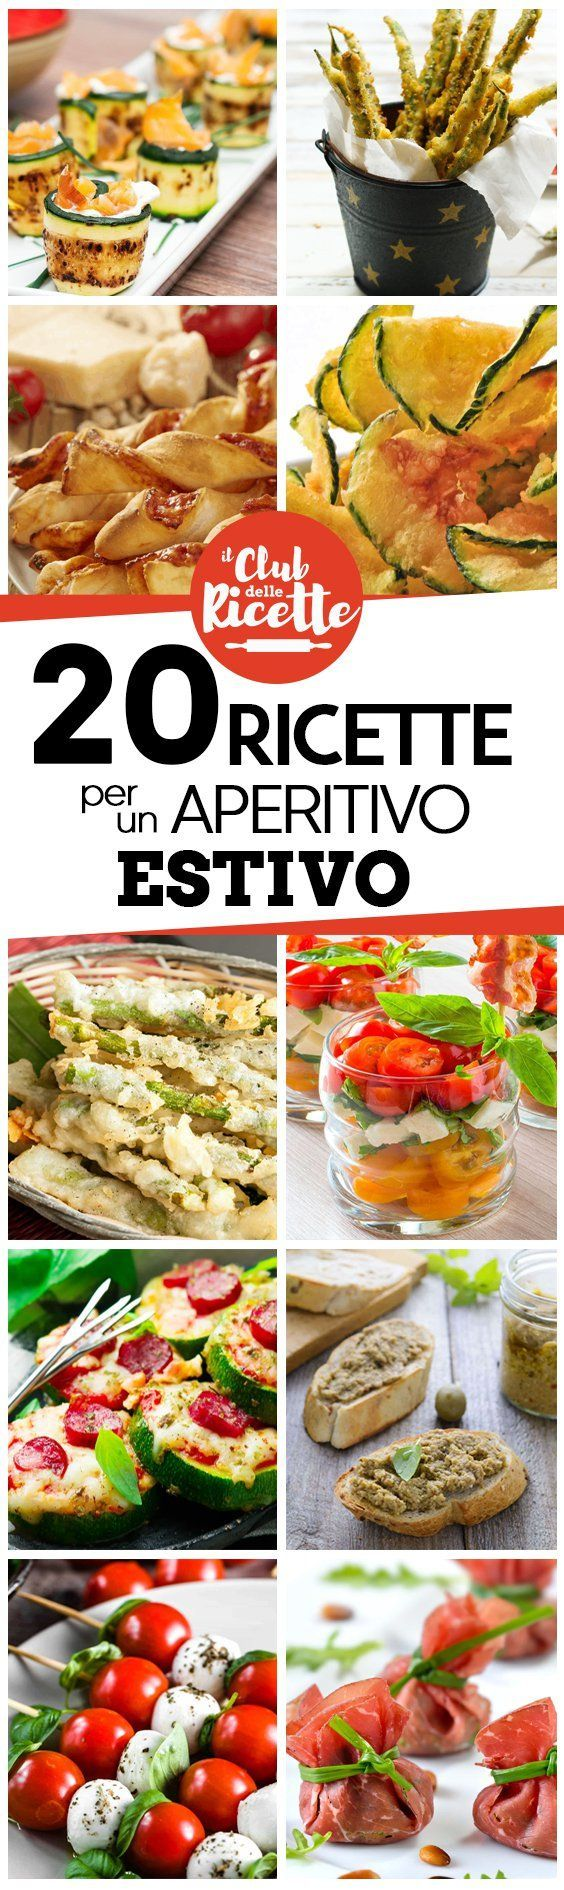 Finger Food Aperitivo Estivo 20 ricette per un aperitivo estivo #buffet tutte le migliori